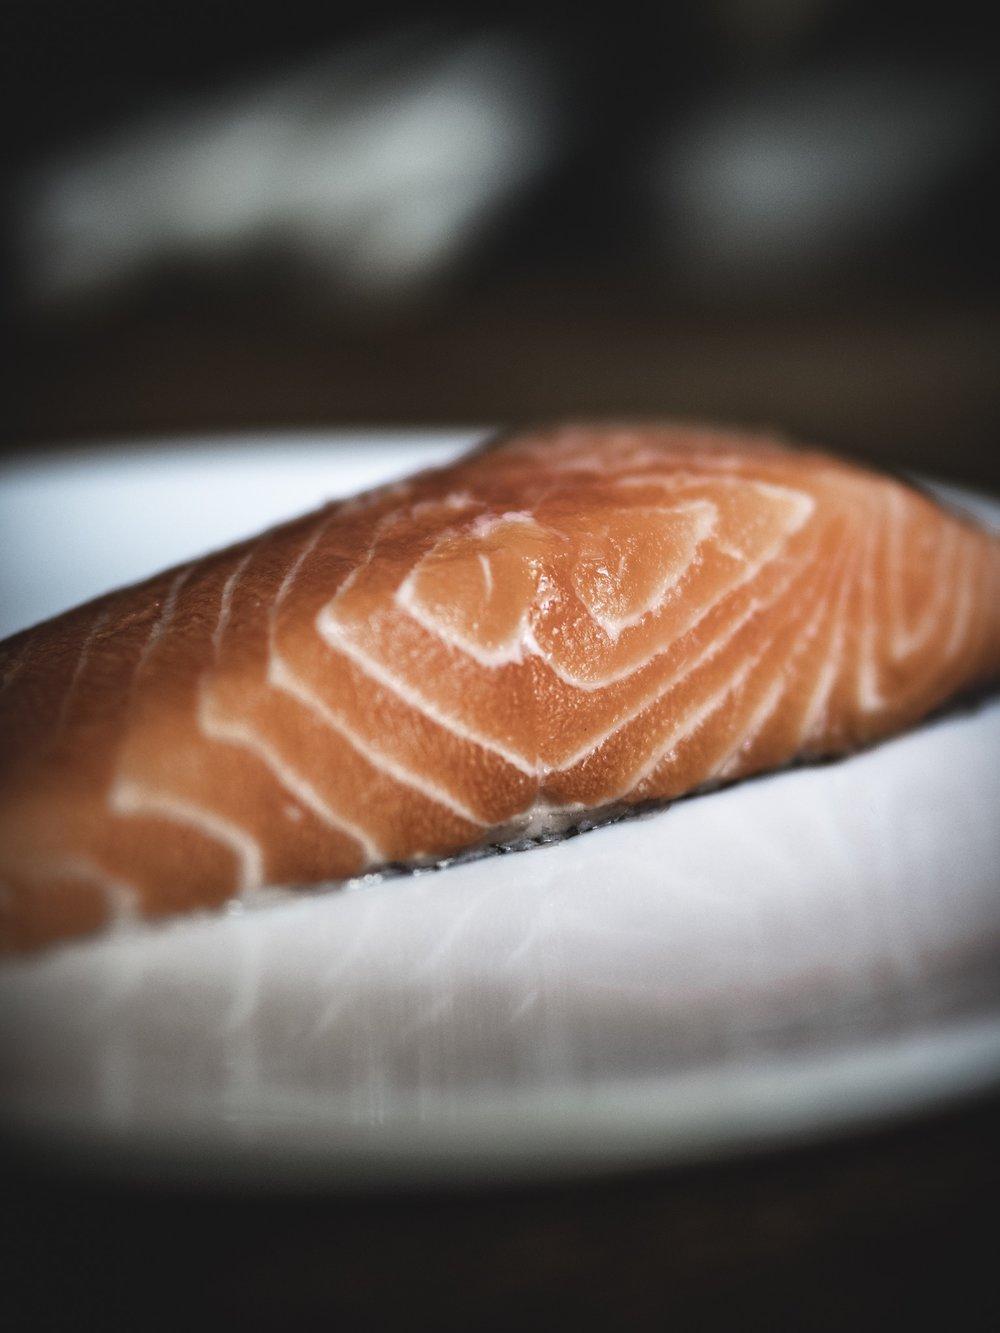 Carnivore Diet Zero Carb Keto Ketogenic Salmon